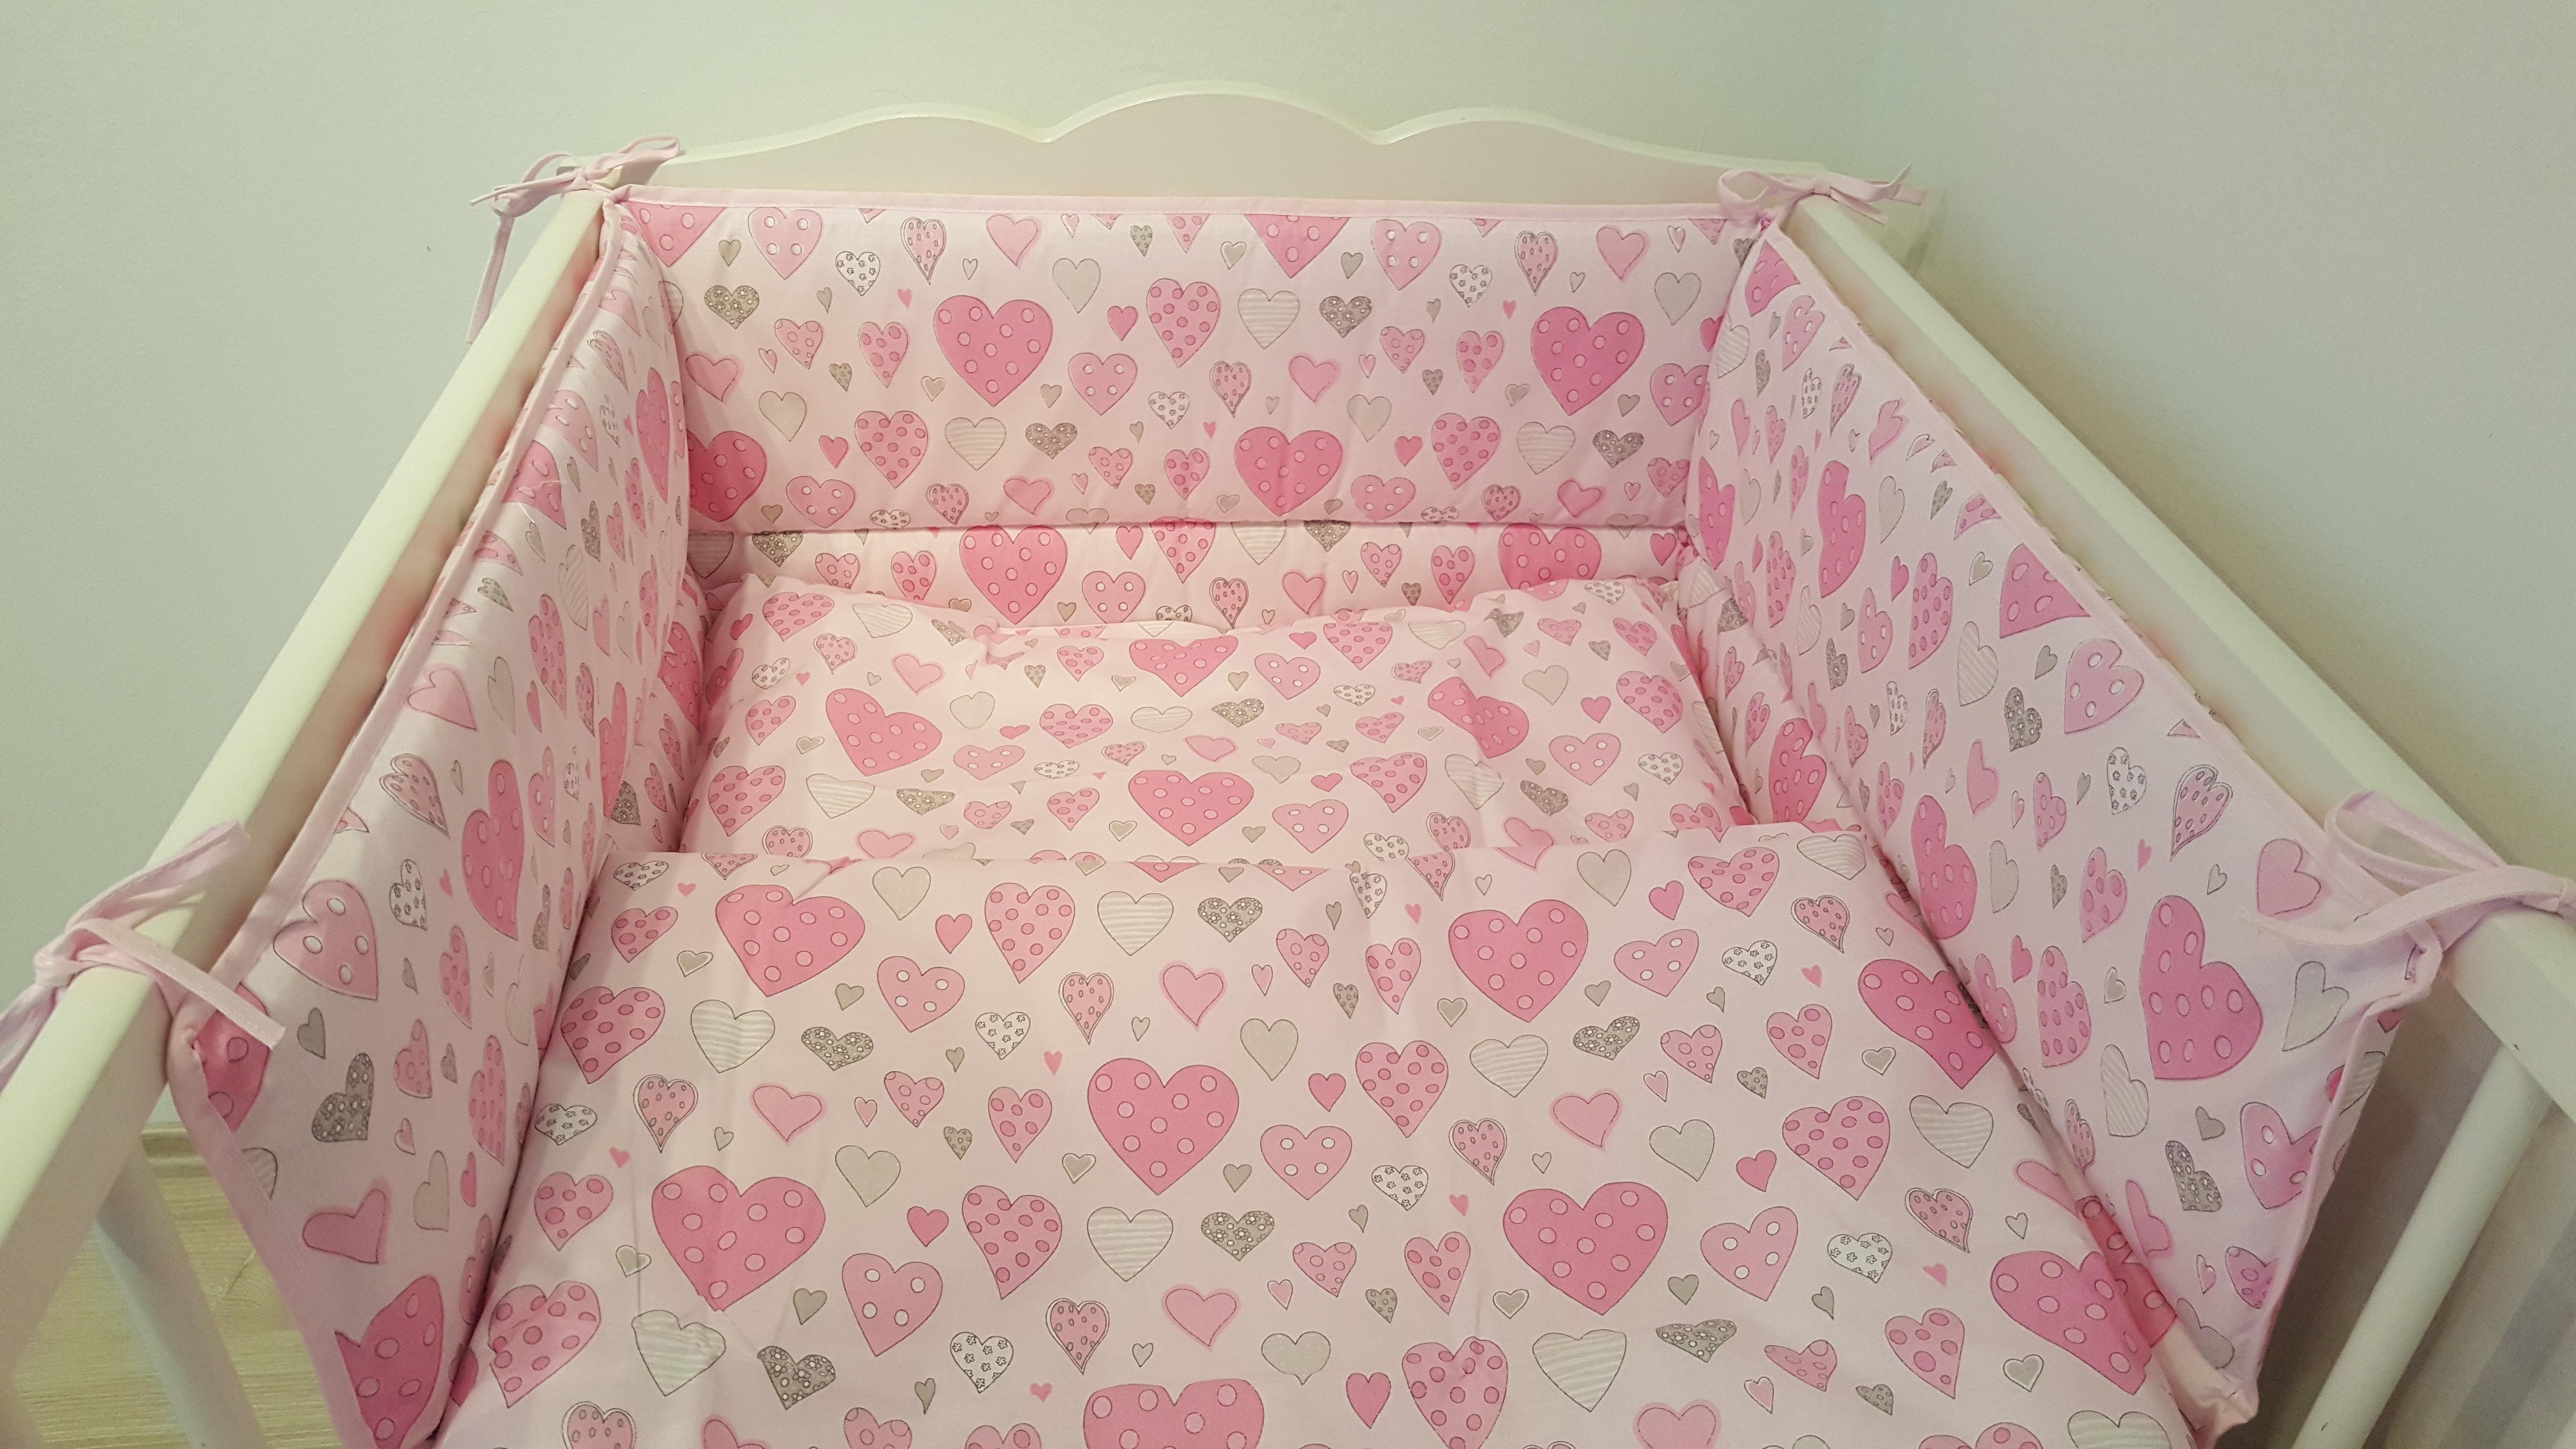 Ágyneműhuzat 2 részes rózsaszín szívecskés 100x135 cm - 100x135 cm-es  méretben - Baby Inside Babatermékek  ecb29415a9